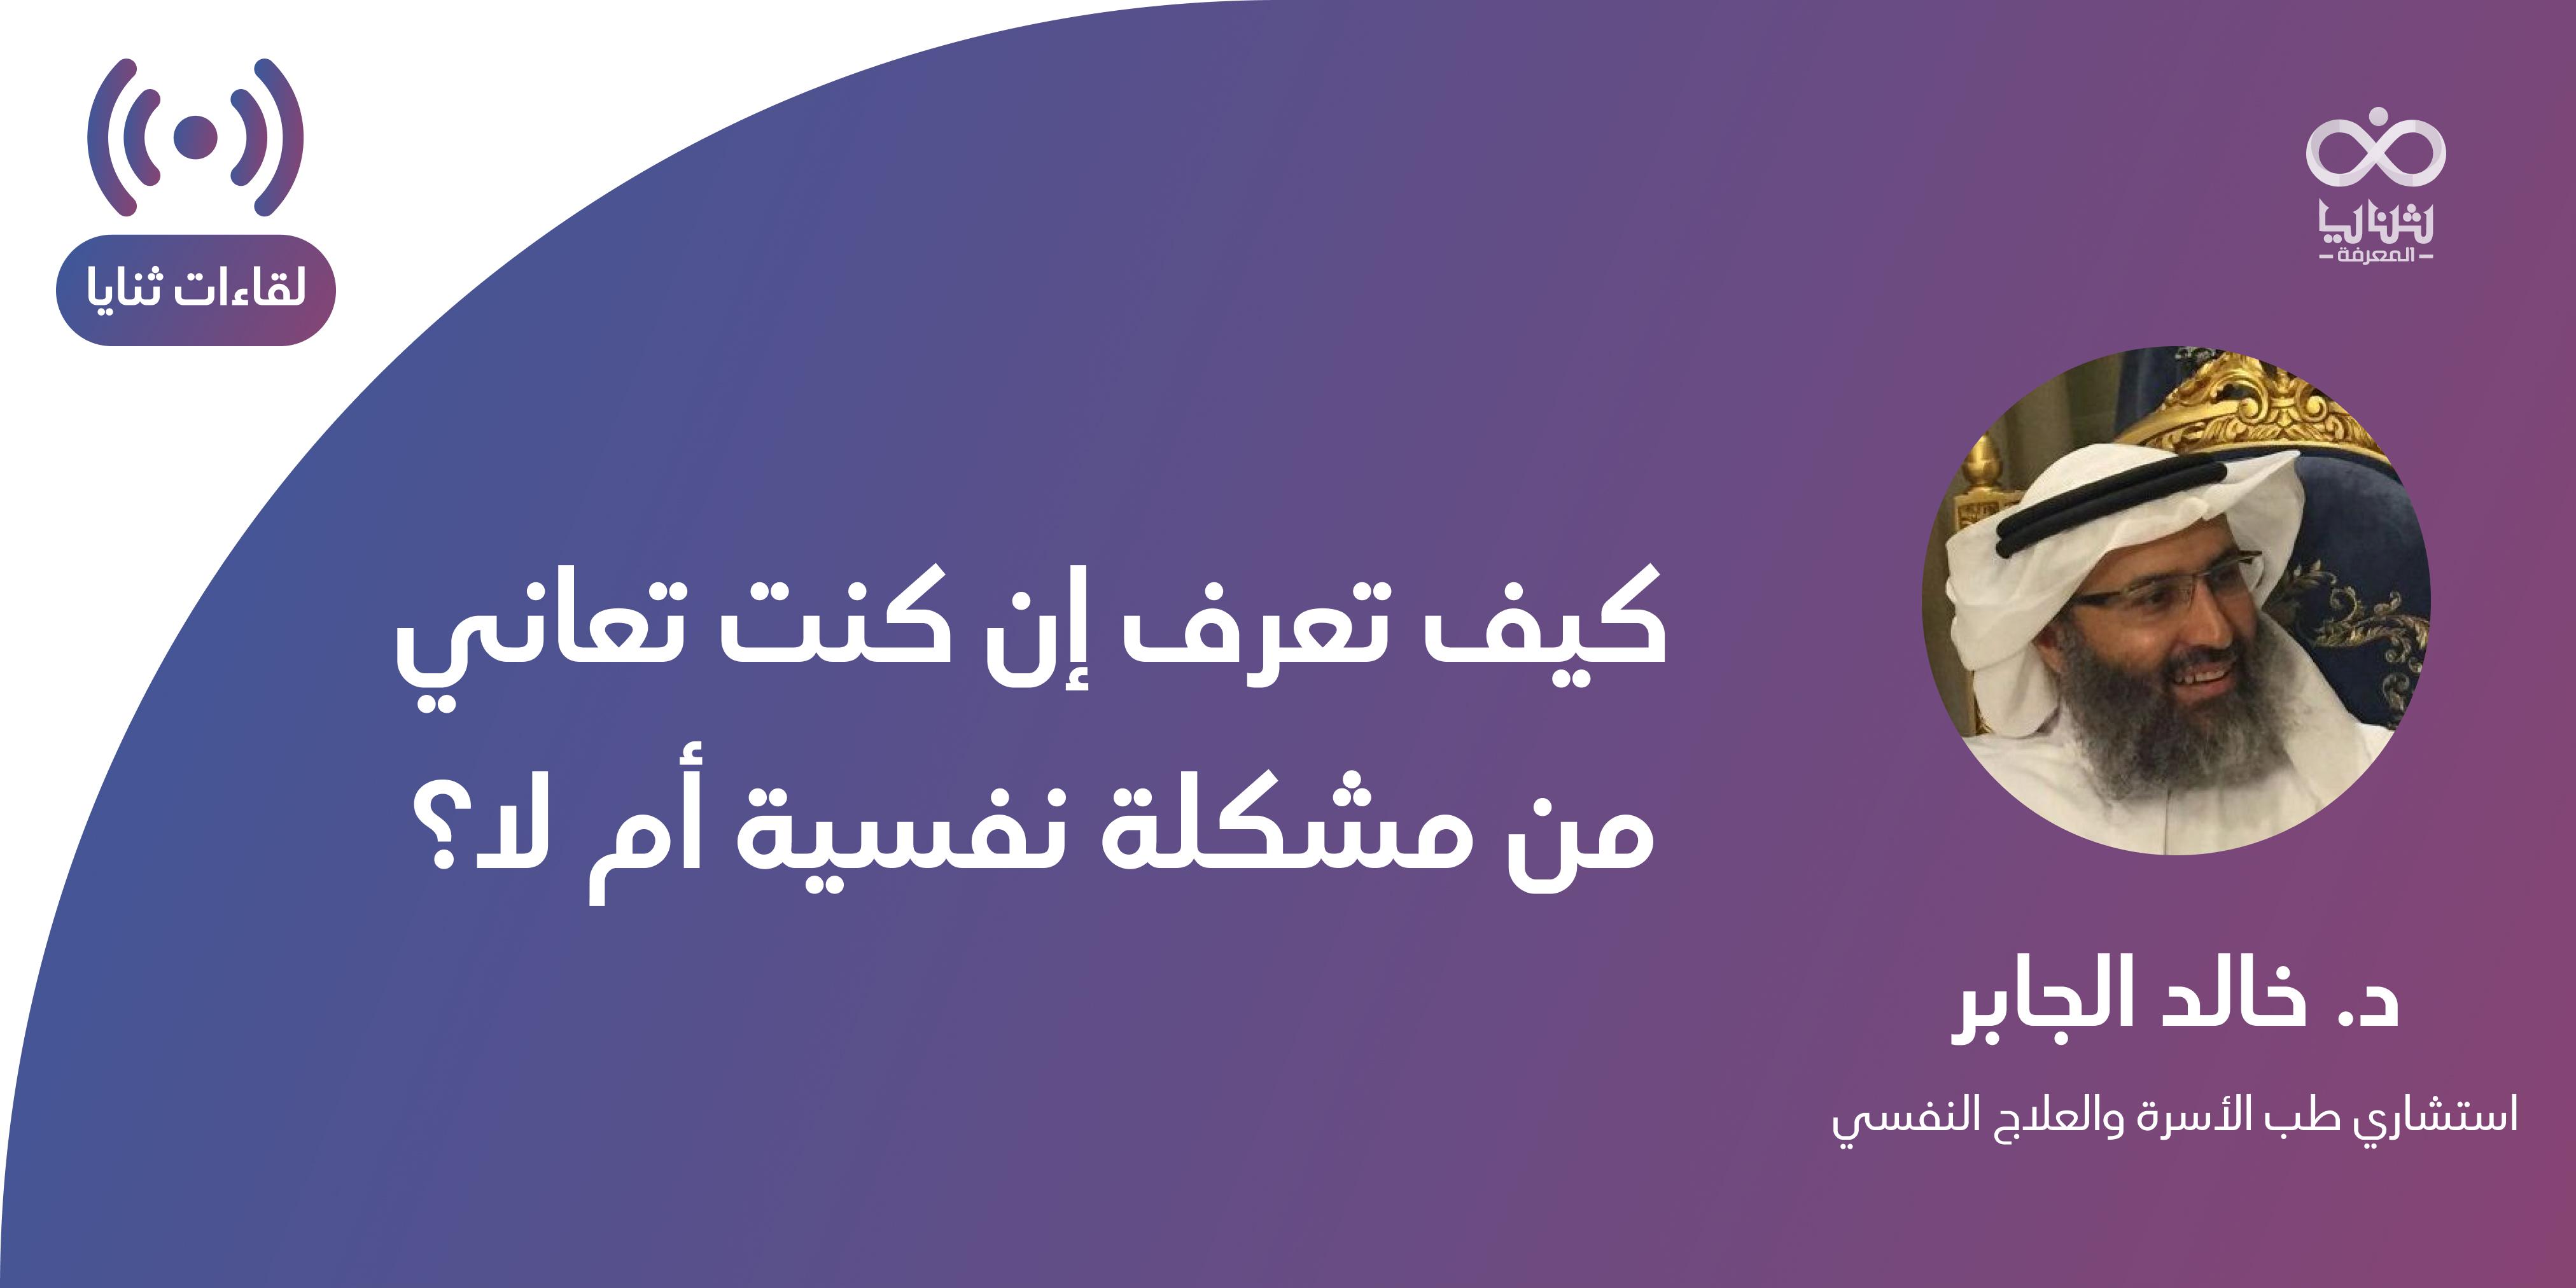 د. خالد الجابر - #لقاءات_ثنايا: كيف تعرف إن كنت تعاني من مشكلة نفسية أم لا؟